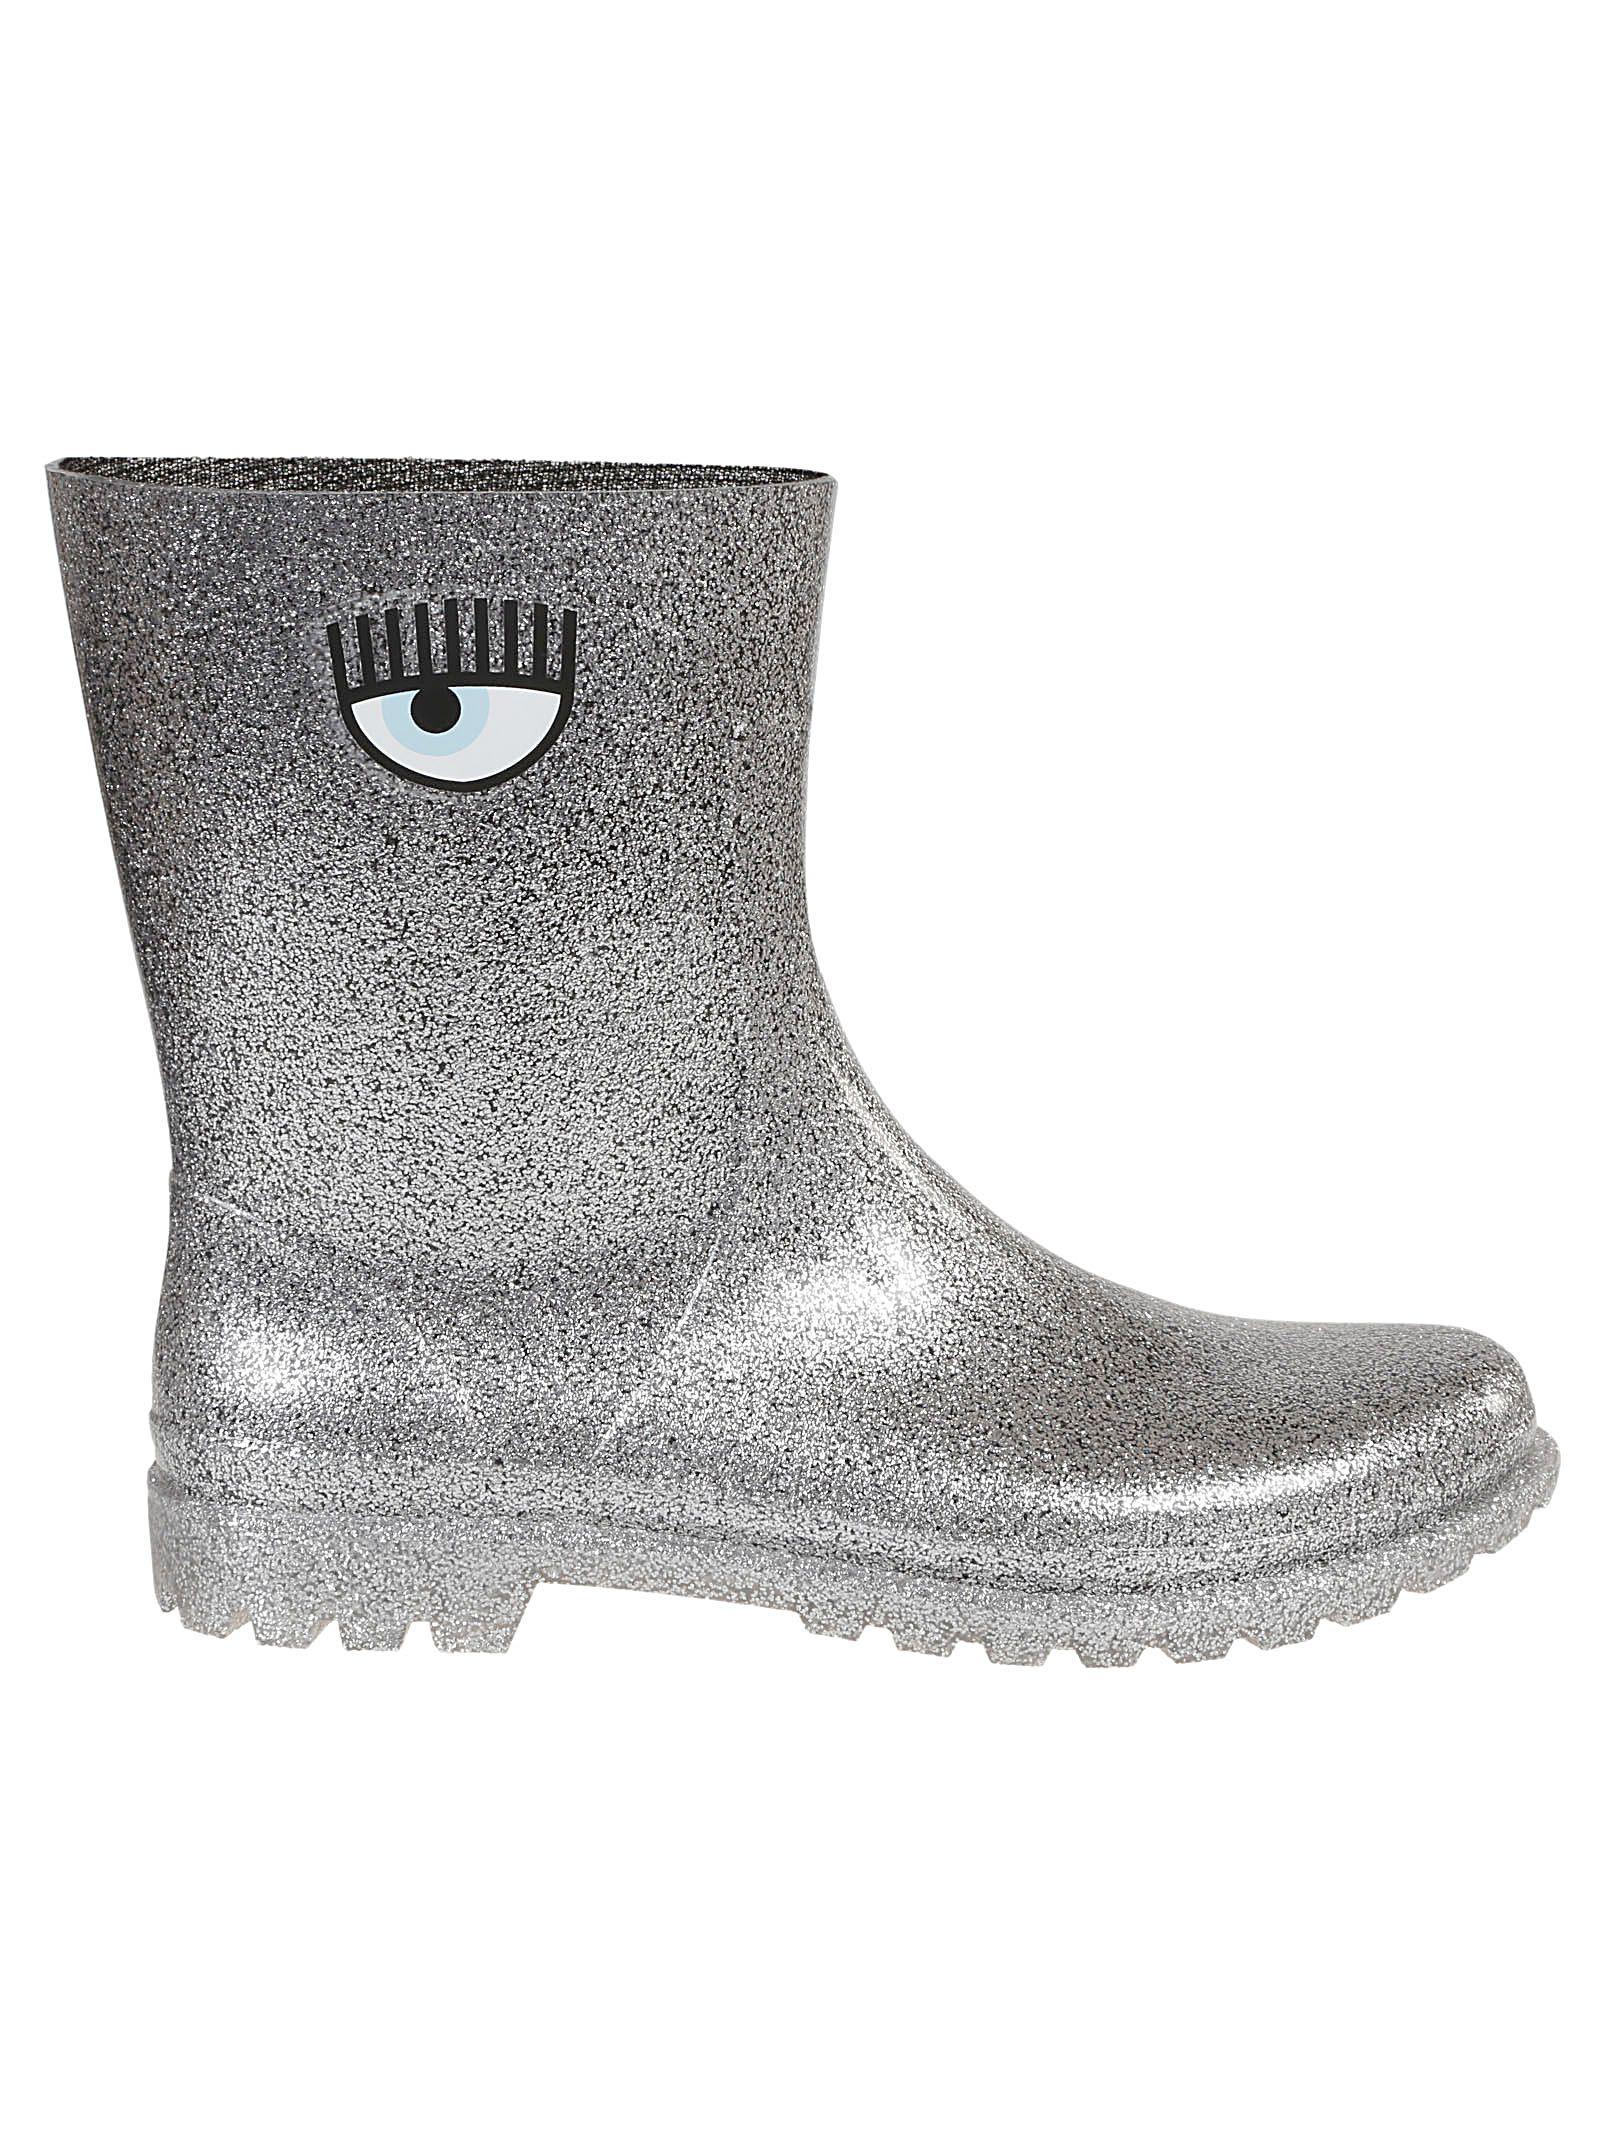 Chiara Ferragni Glittered Coating Eye Boots